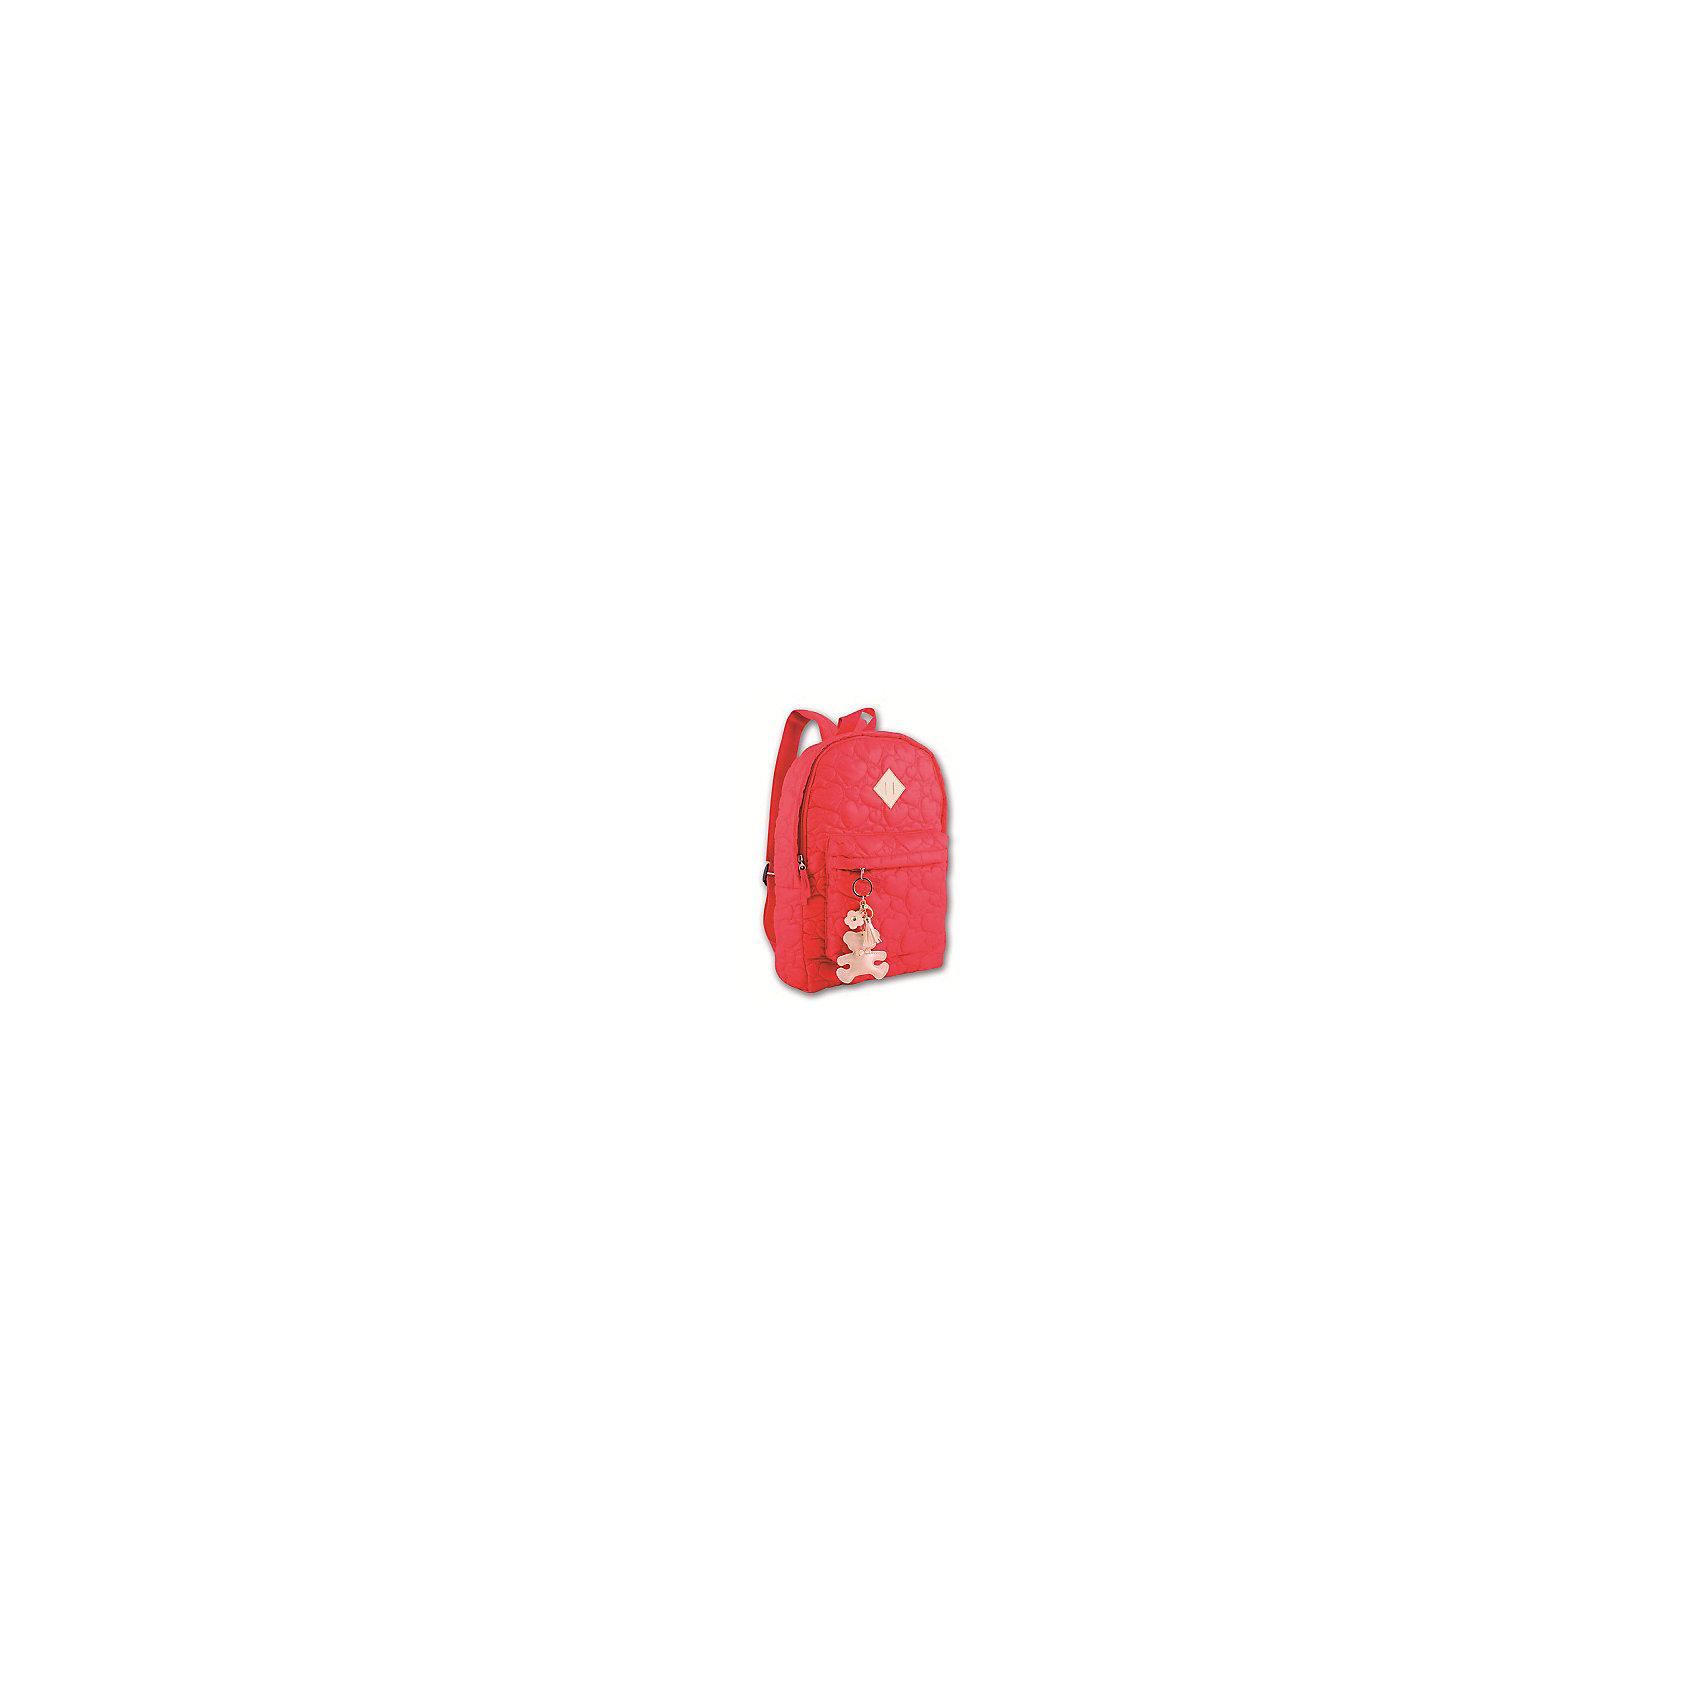 Рюкзак молодежный, алыйДорожные сумки и чемоданы<br>Стильный, яркий, удобный рюкзак для Вашей девочки! У рюкзака одно большое отделение на молнии и один дополнительный карман спереди, лямки регулируются.<br><br>Дополнительная информация:<br><br>- Возраст: от 6 лет.<br>- Молнии ранца украшены брелками.<br>- Цвет: алый.<br>- Материал: 100% нейлон.<br>- Размер упаковки: 39х28х9 см.<br>- Вес в упаковке: 270 г.<br><br>Купить молодежный рюкзак в алом цвете, можно в нашем магазине.<br><br>Ширина мм: 390<br>Глубина мм: 280<br>Высота мм: 90<br>Вес г: 270<br>Возраст от месяцев: 72<br>Возраст до месяцев: 2147483647<br>Пол: Унисекс<br>Возраст: Детский<br>SKU: 4943611